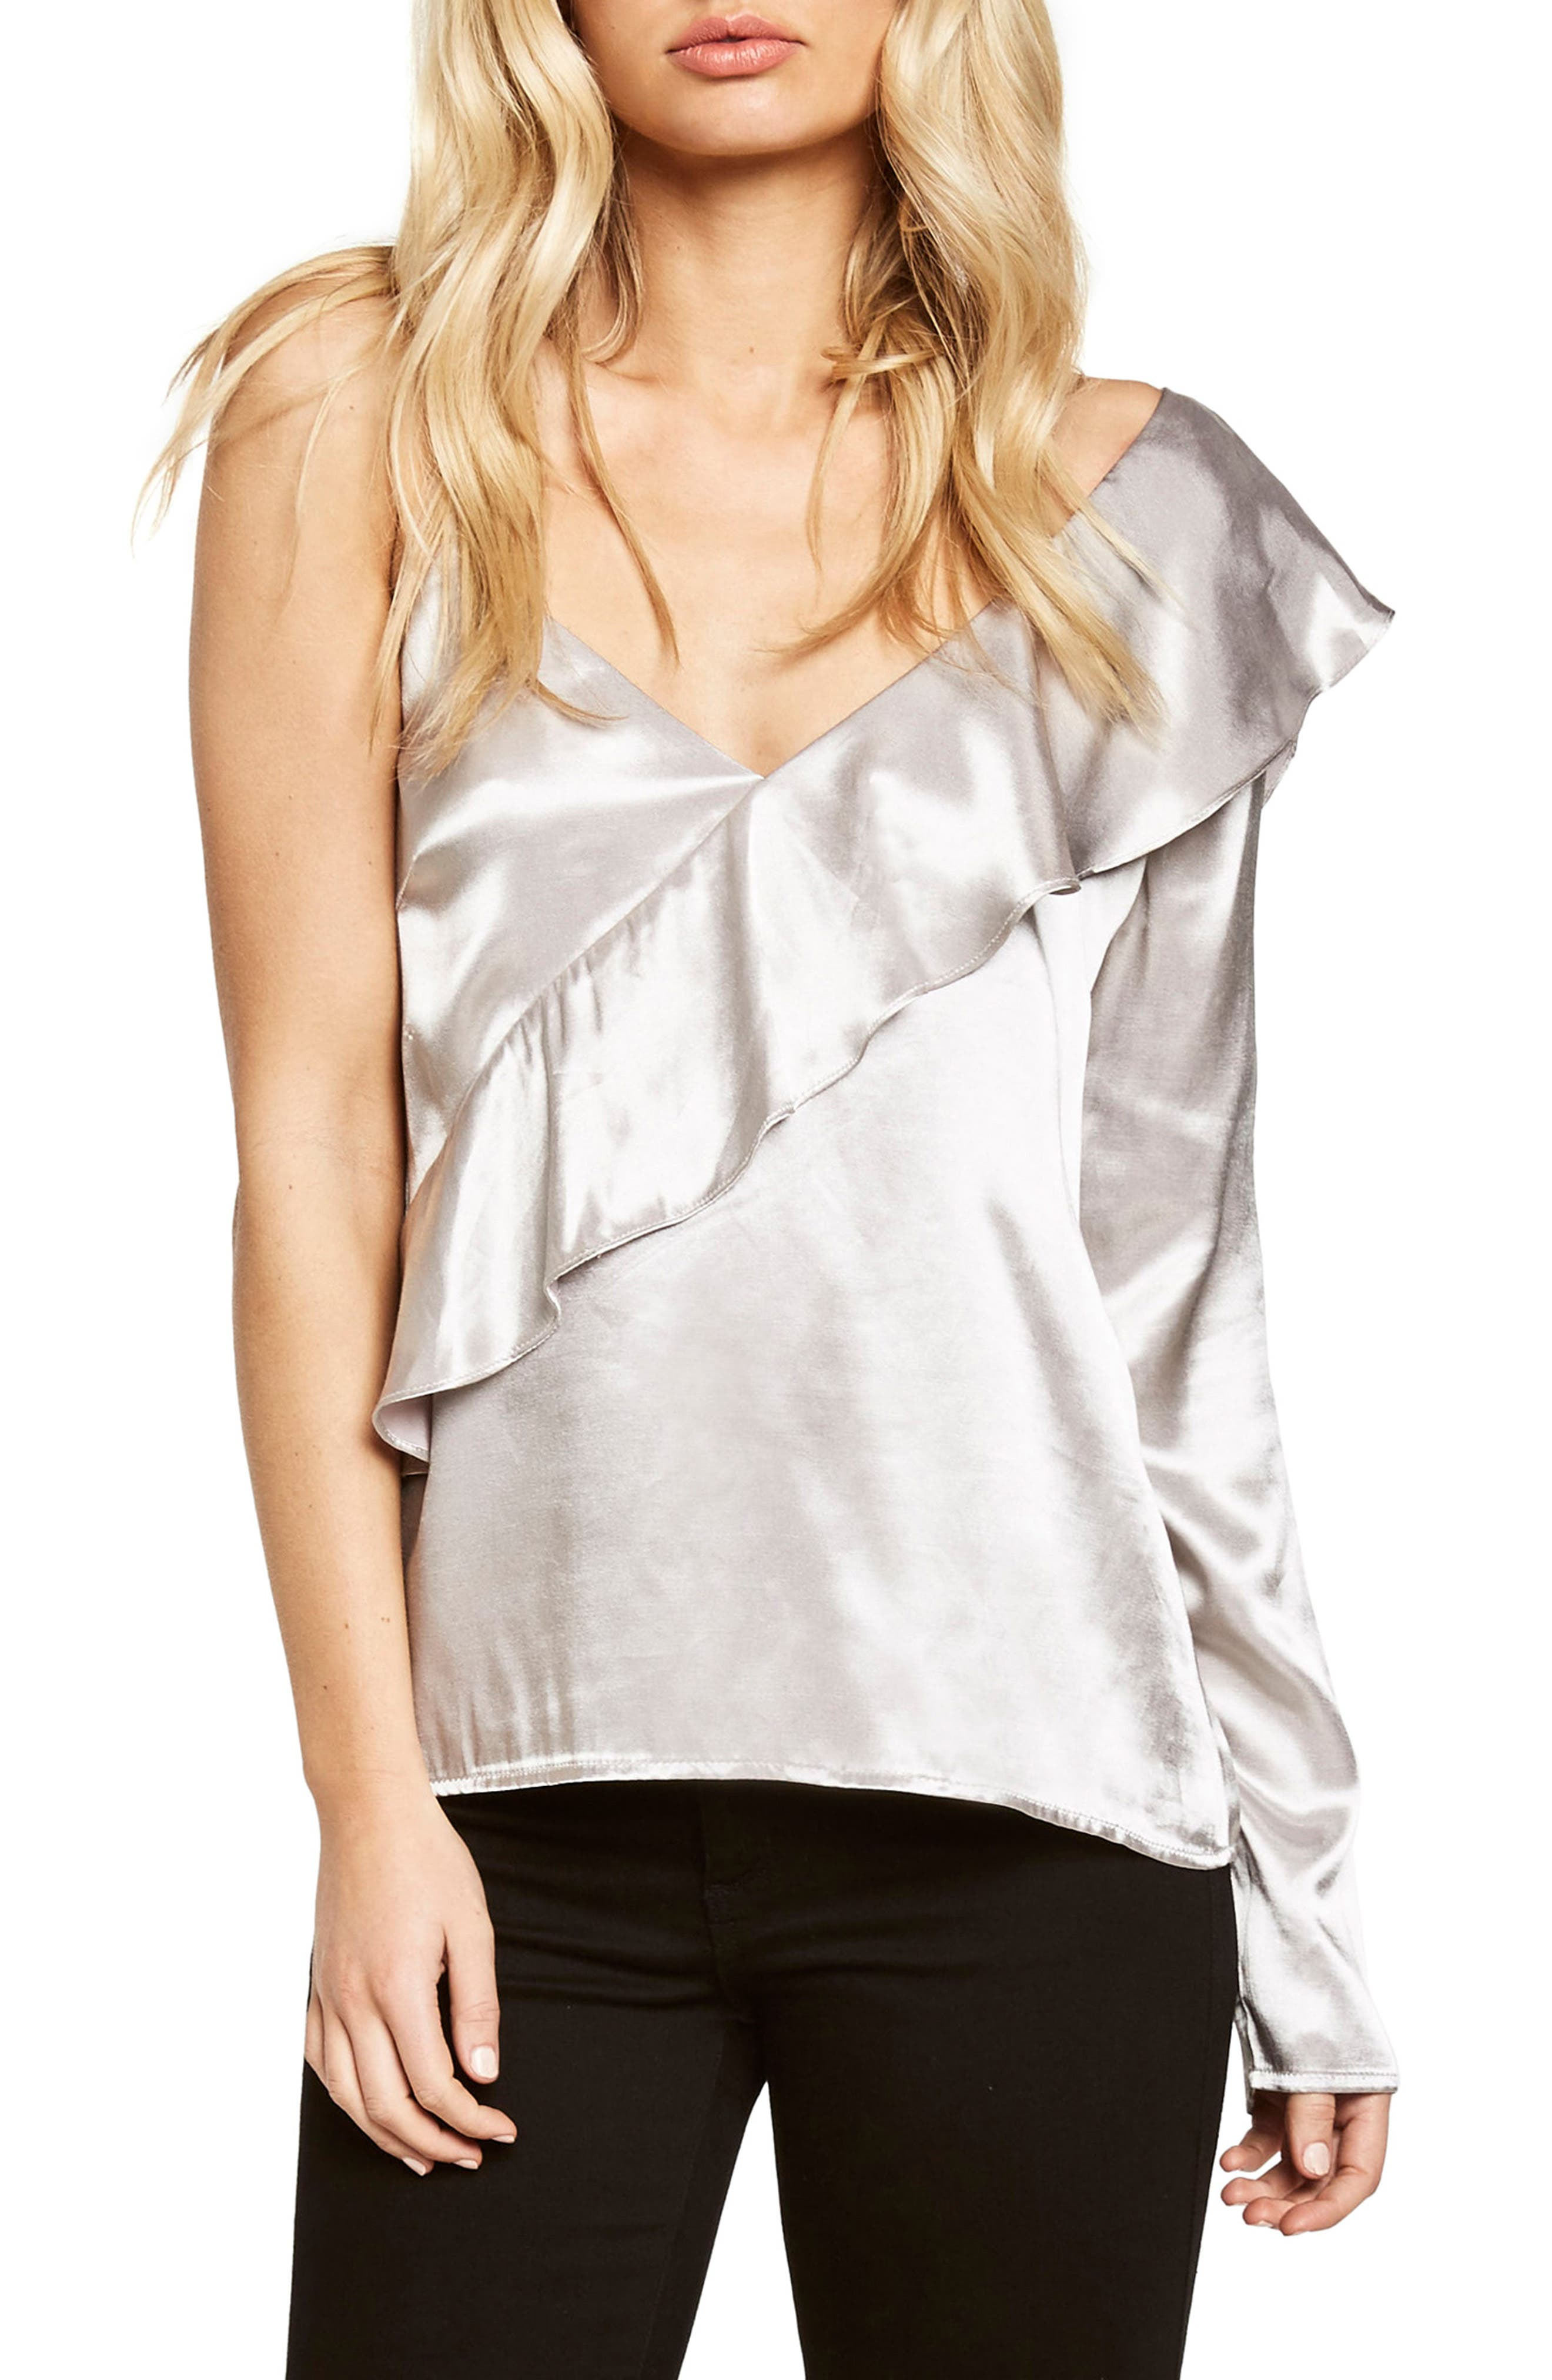 Main Image - Bardot Frill Off the Shoulder Top